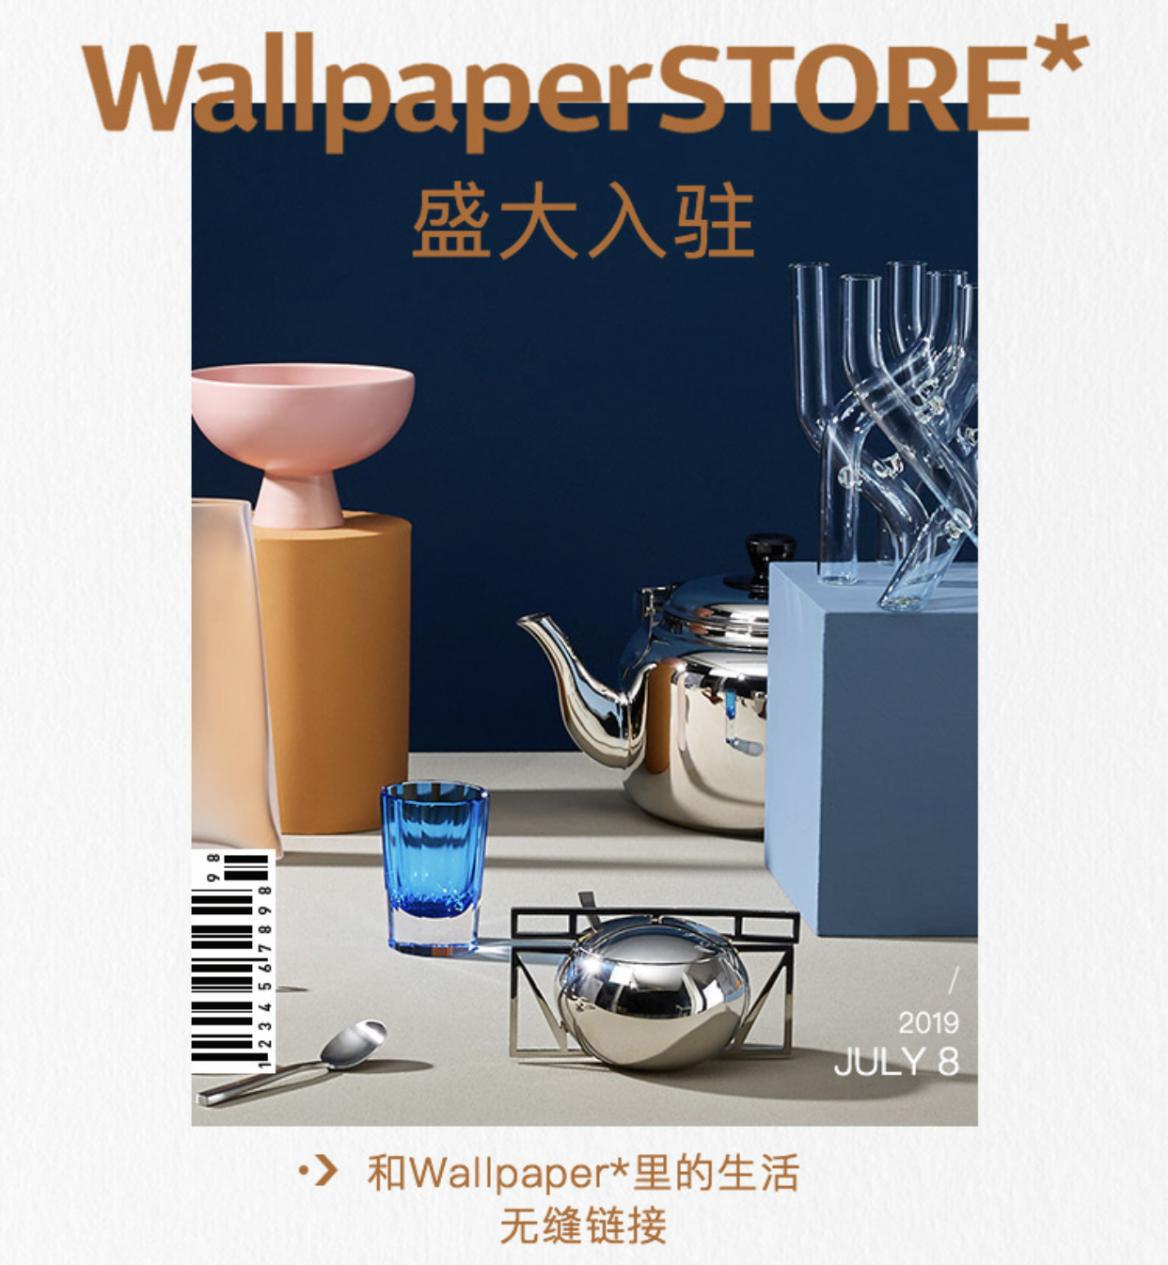 国际顶级设计线上商店WallpaperSTORE入驻寺库 为消费者带来尖货